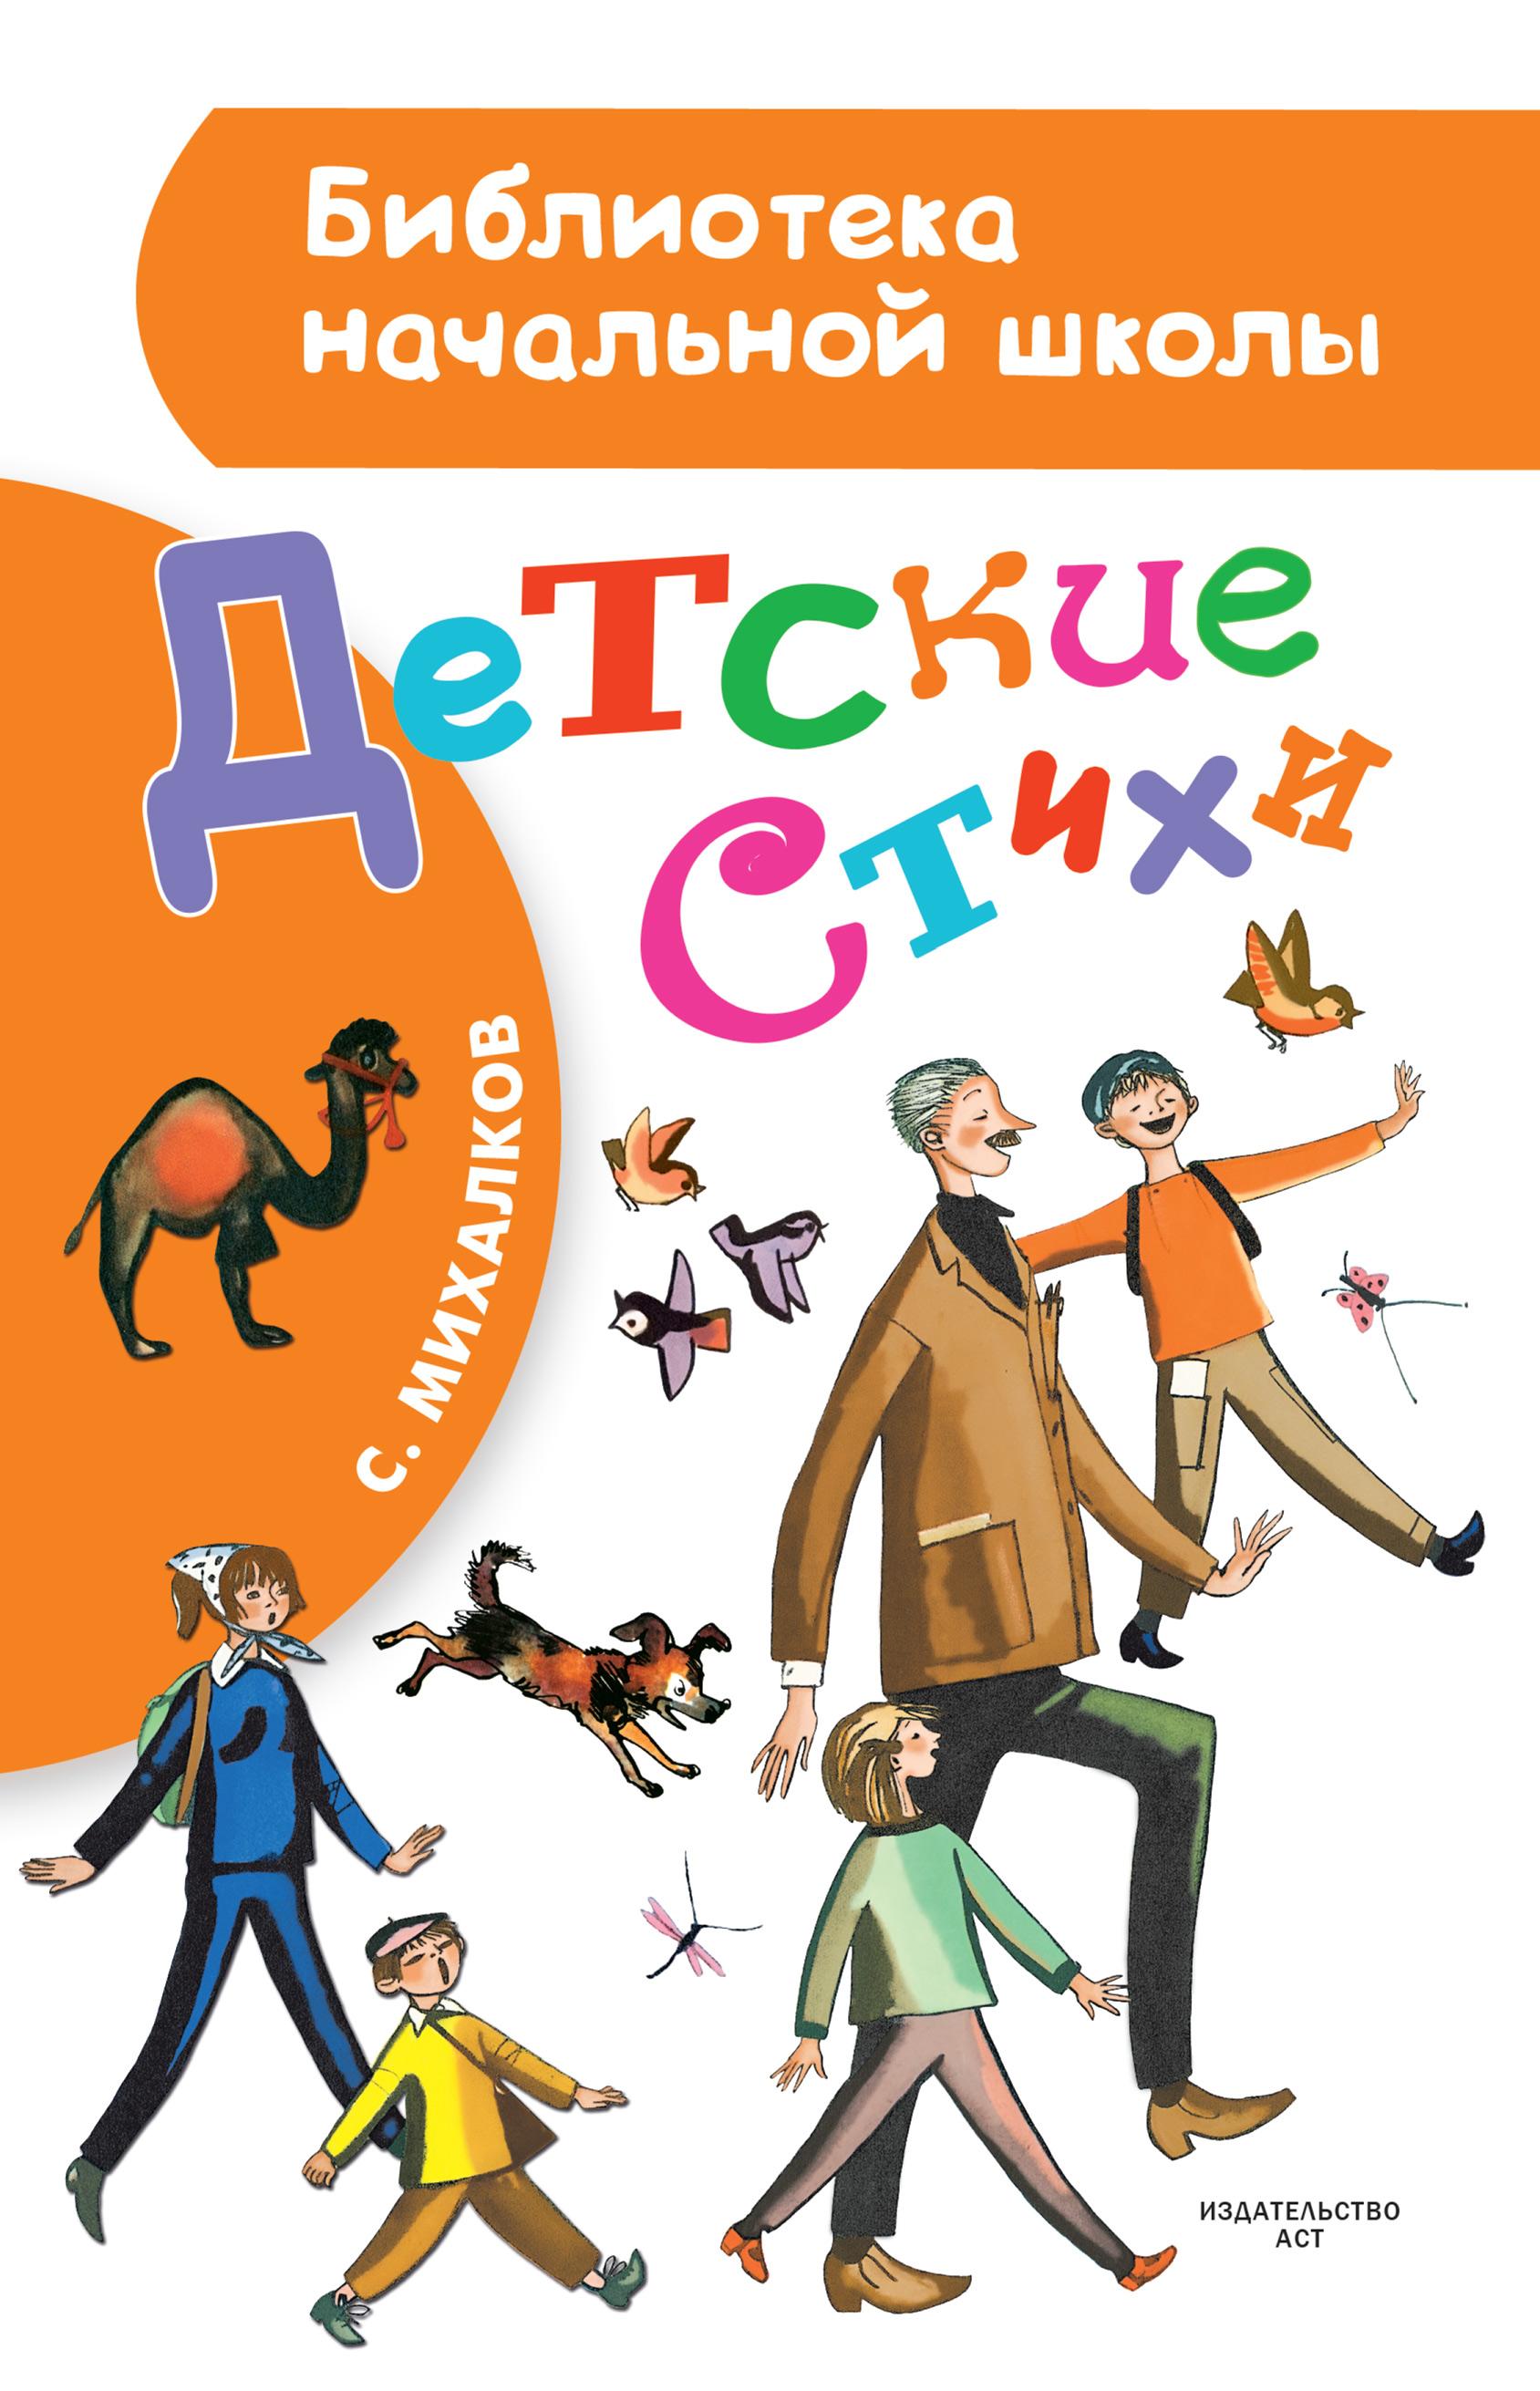 Сергей Михалков Детские стихи